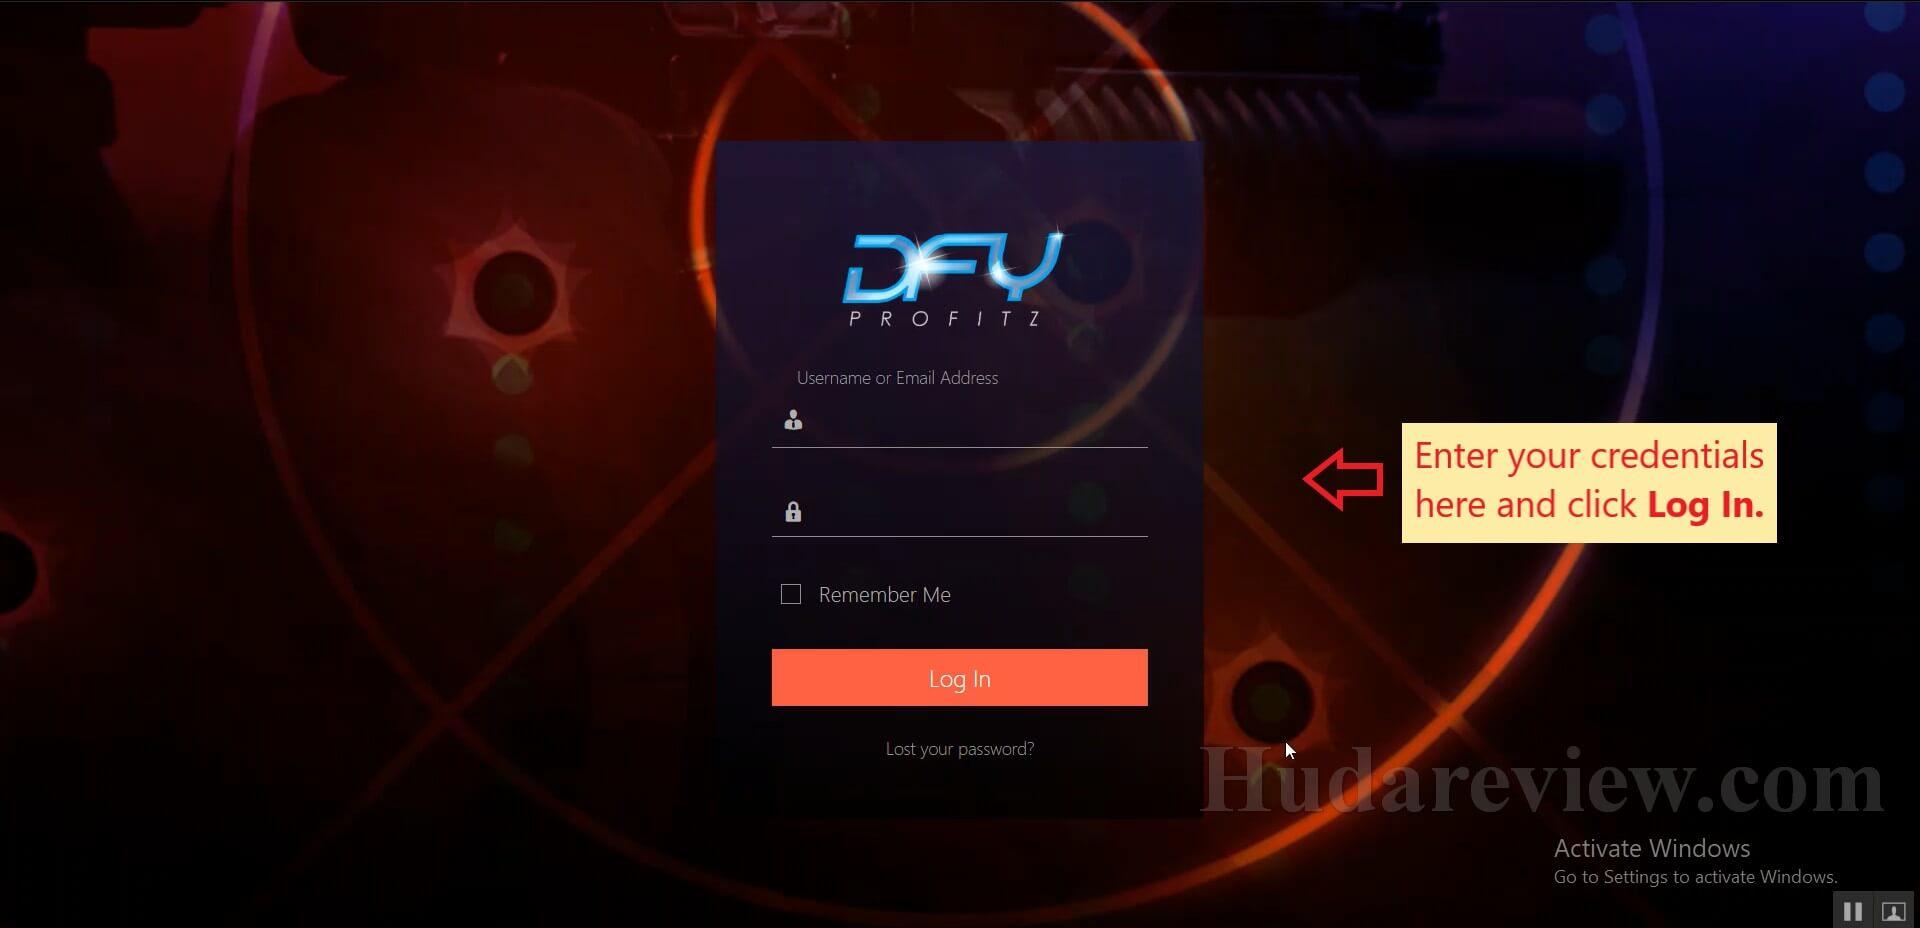 DFY-Profitz-Review-1-1